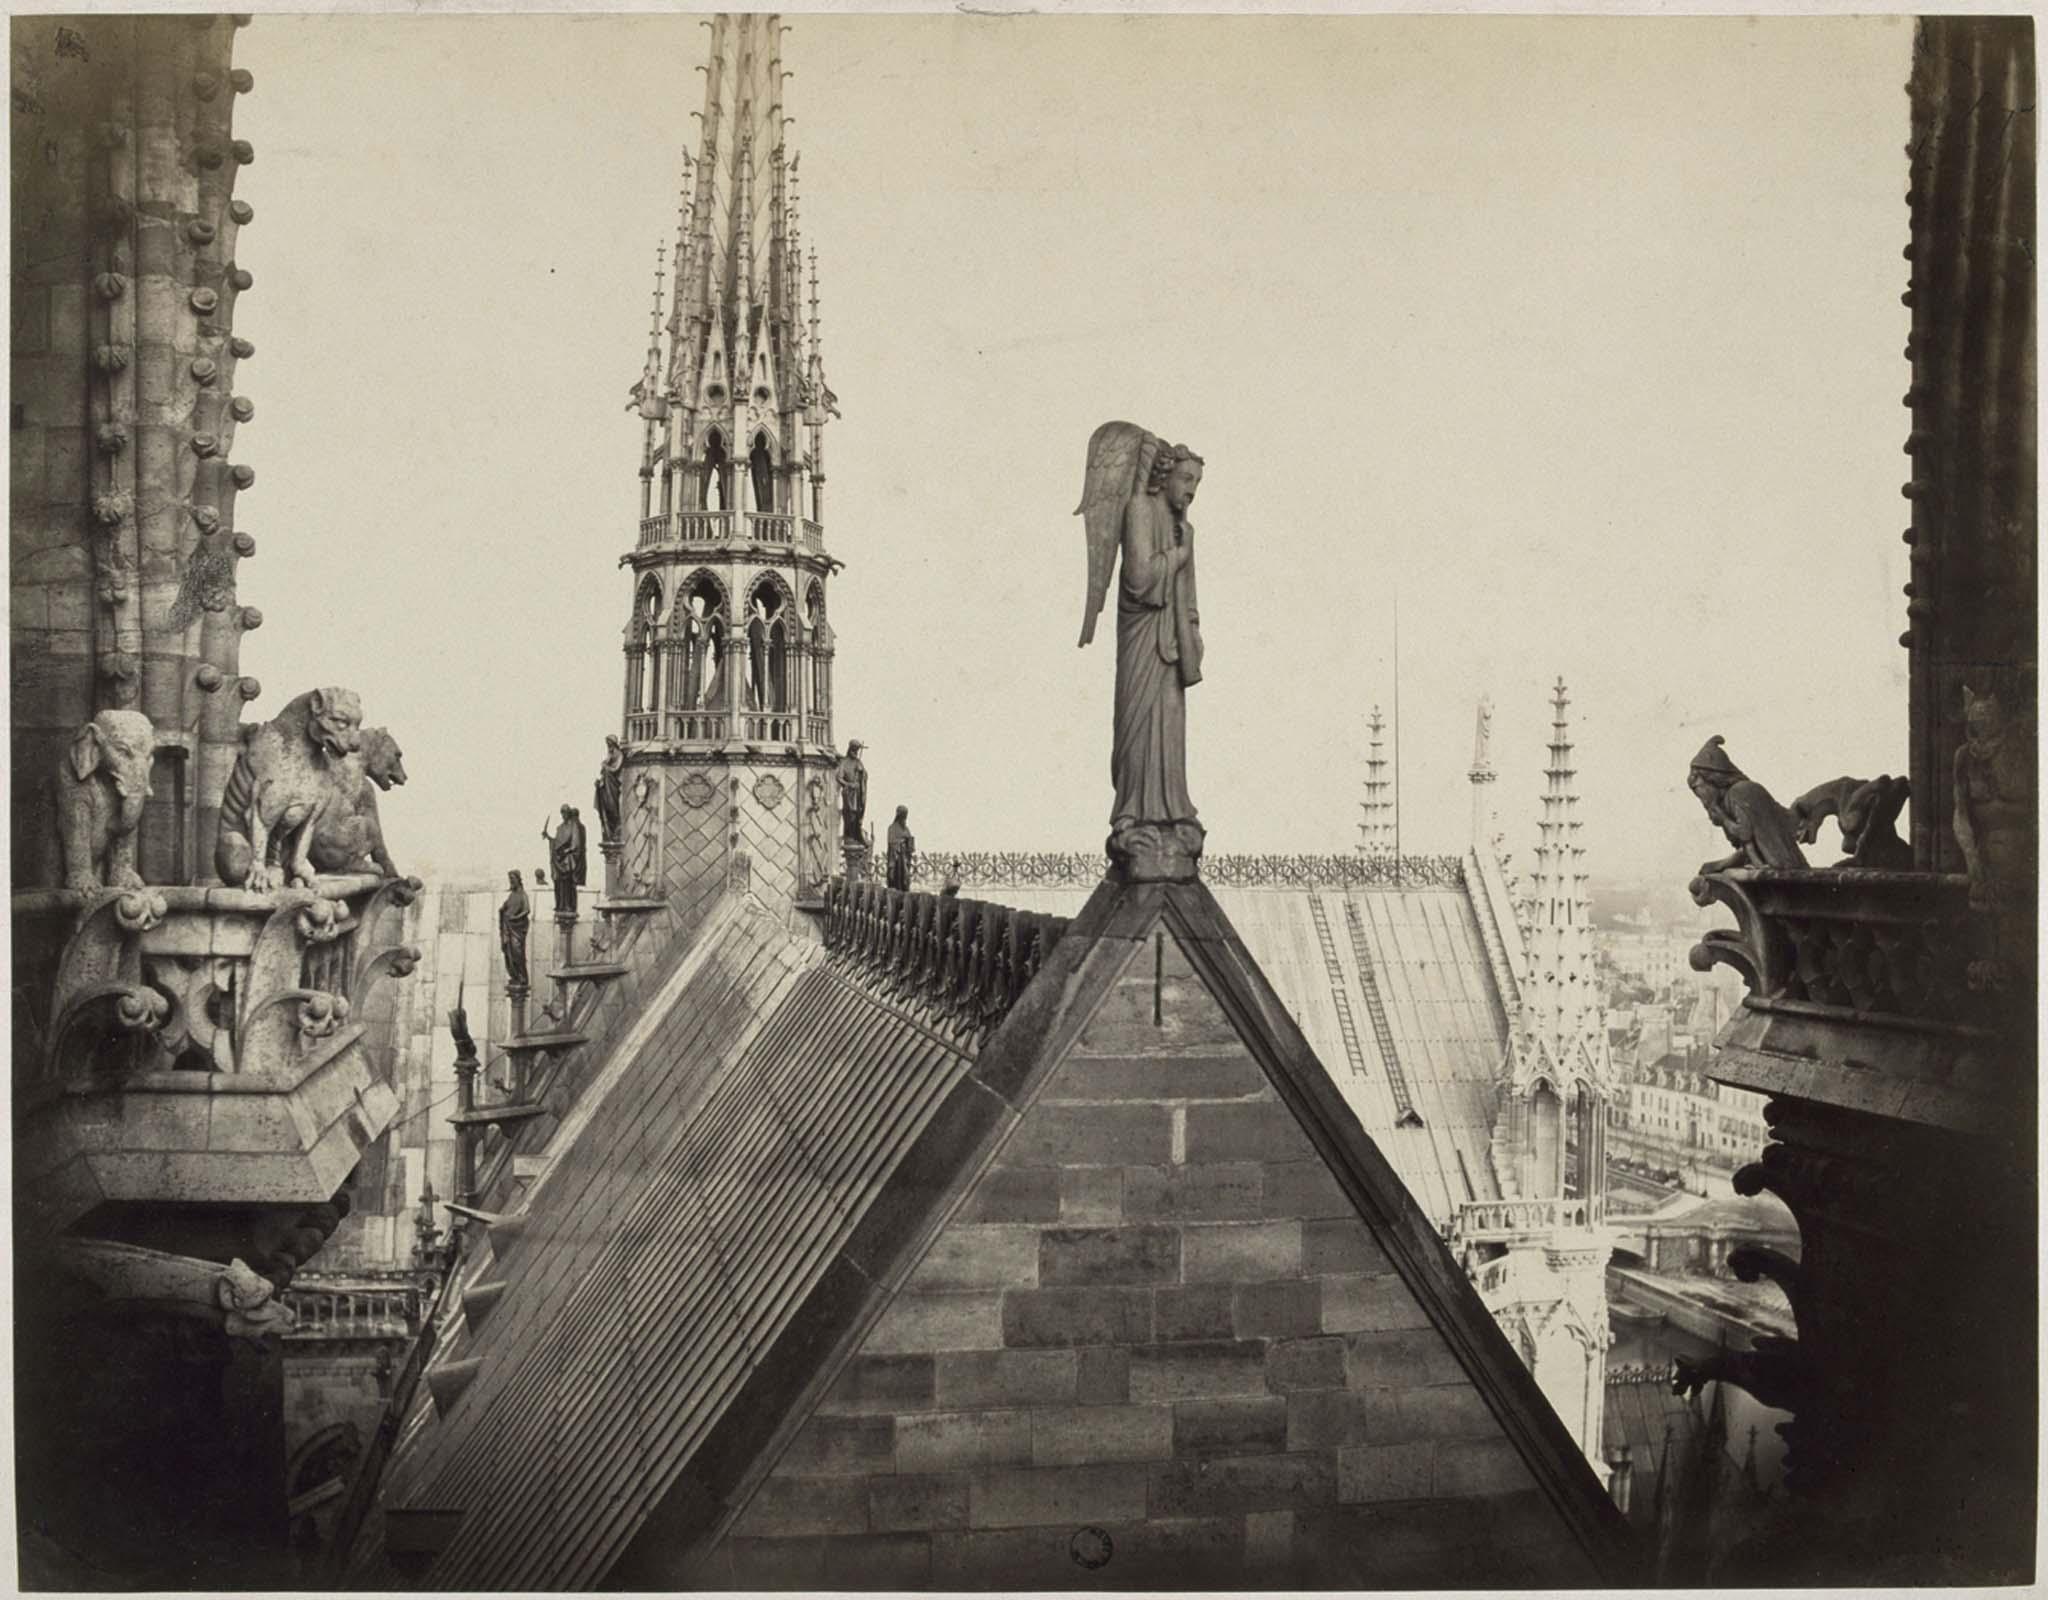 La guglia di Notre-Dame e l'angelo del Giudizio Universale (©musée d'Orsay)